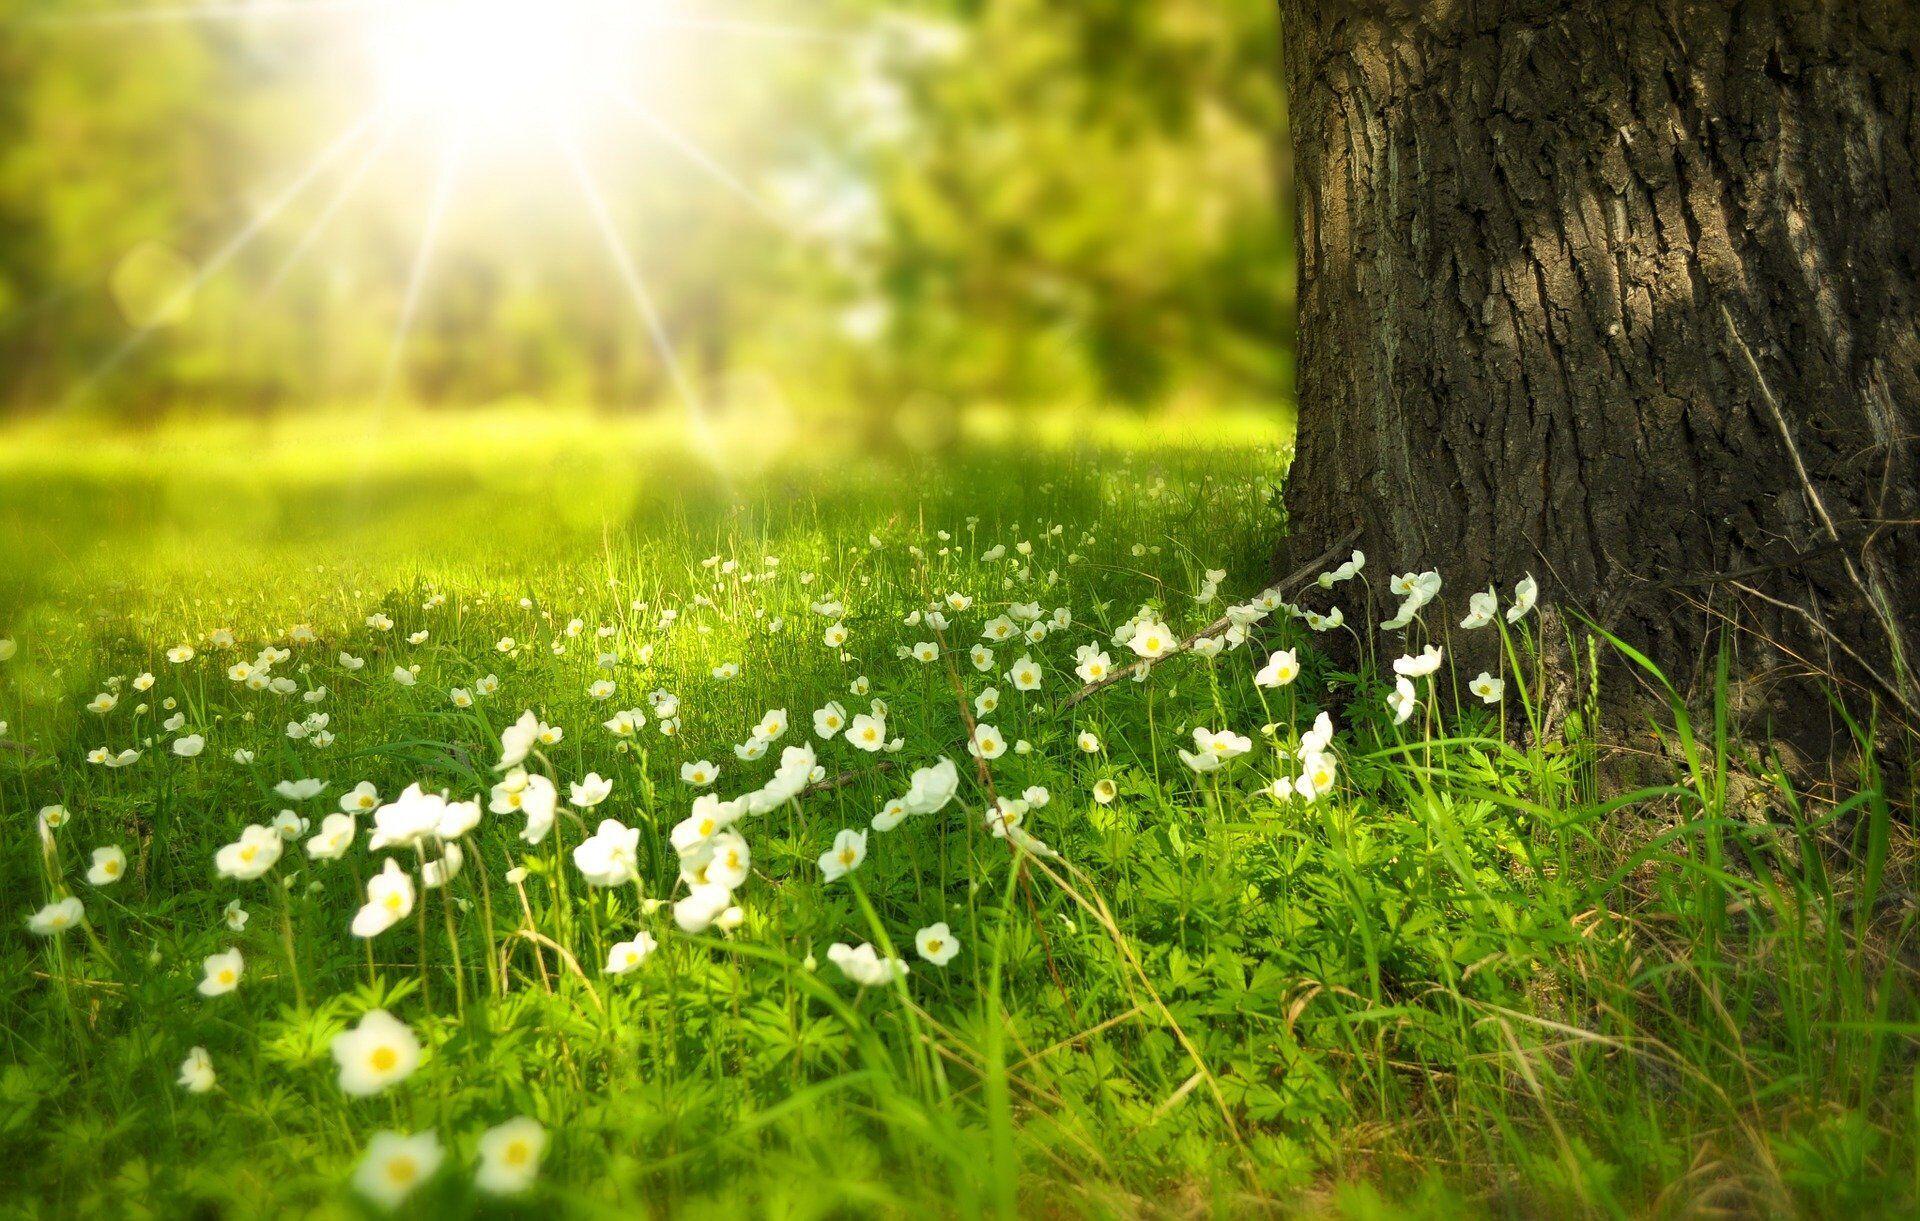 21 июня нельзя шить, убирать, стирать, работать в саду и огороде